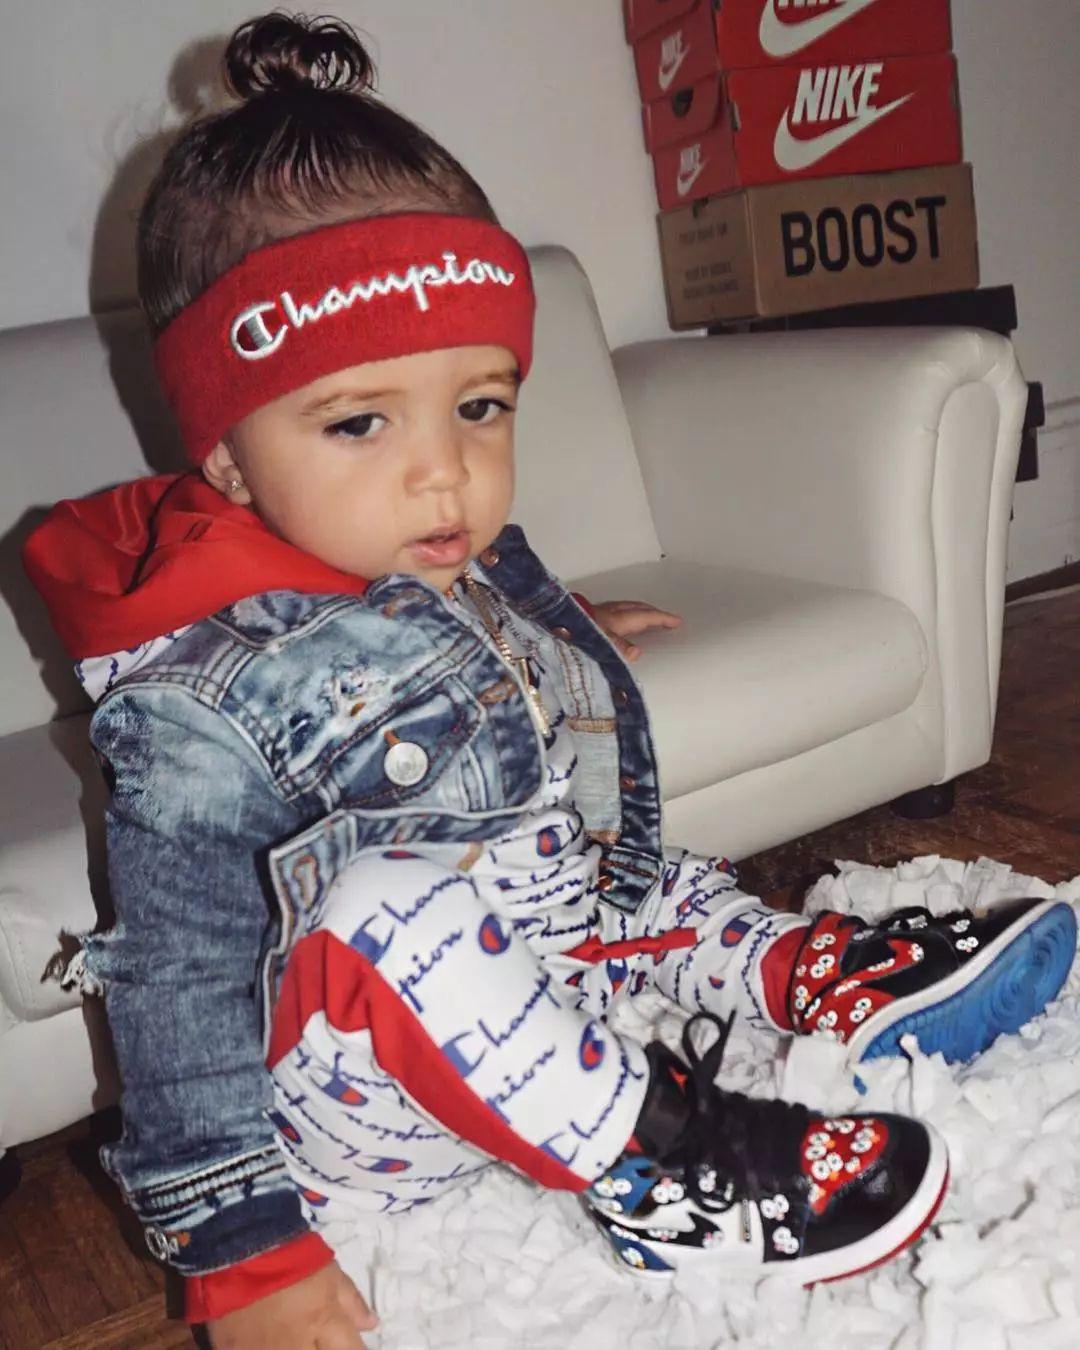 壁纸丨一岁的小孩,已经穿上了最潮的单品!